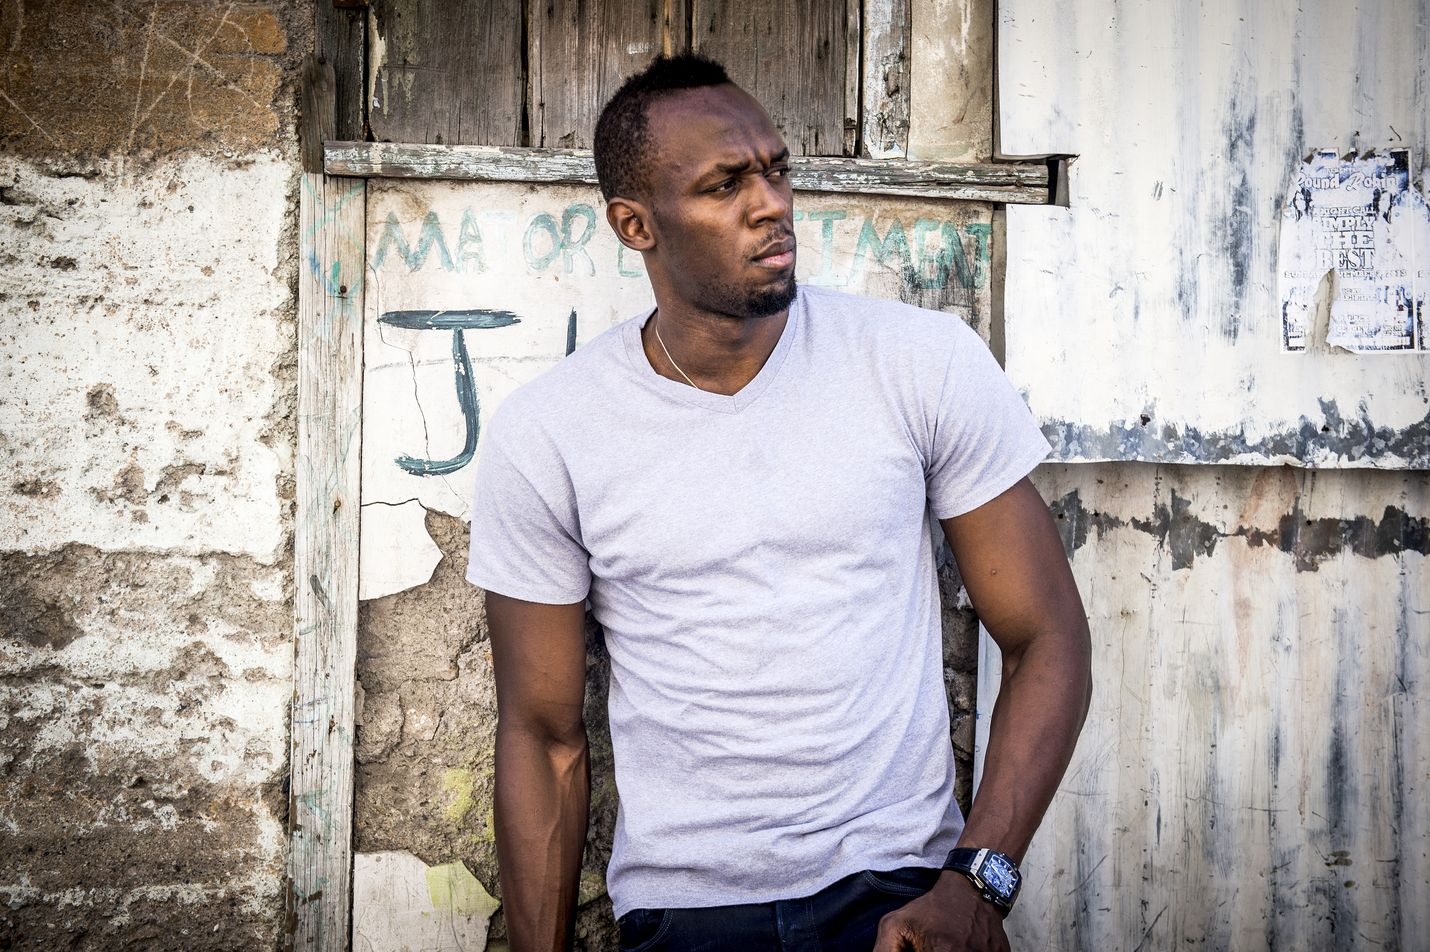 Usain Bolt on kaikkien aikojen menestynein pikajuoksija. Dokumentti kertoo, millainen mies on yhdeksän olympiakullan takana.